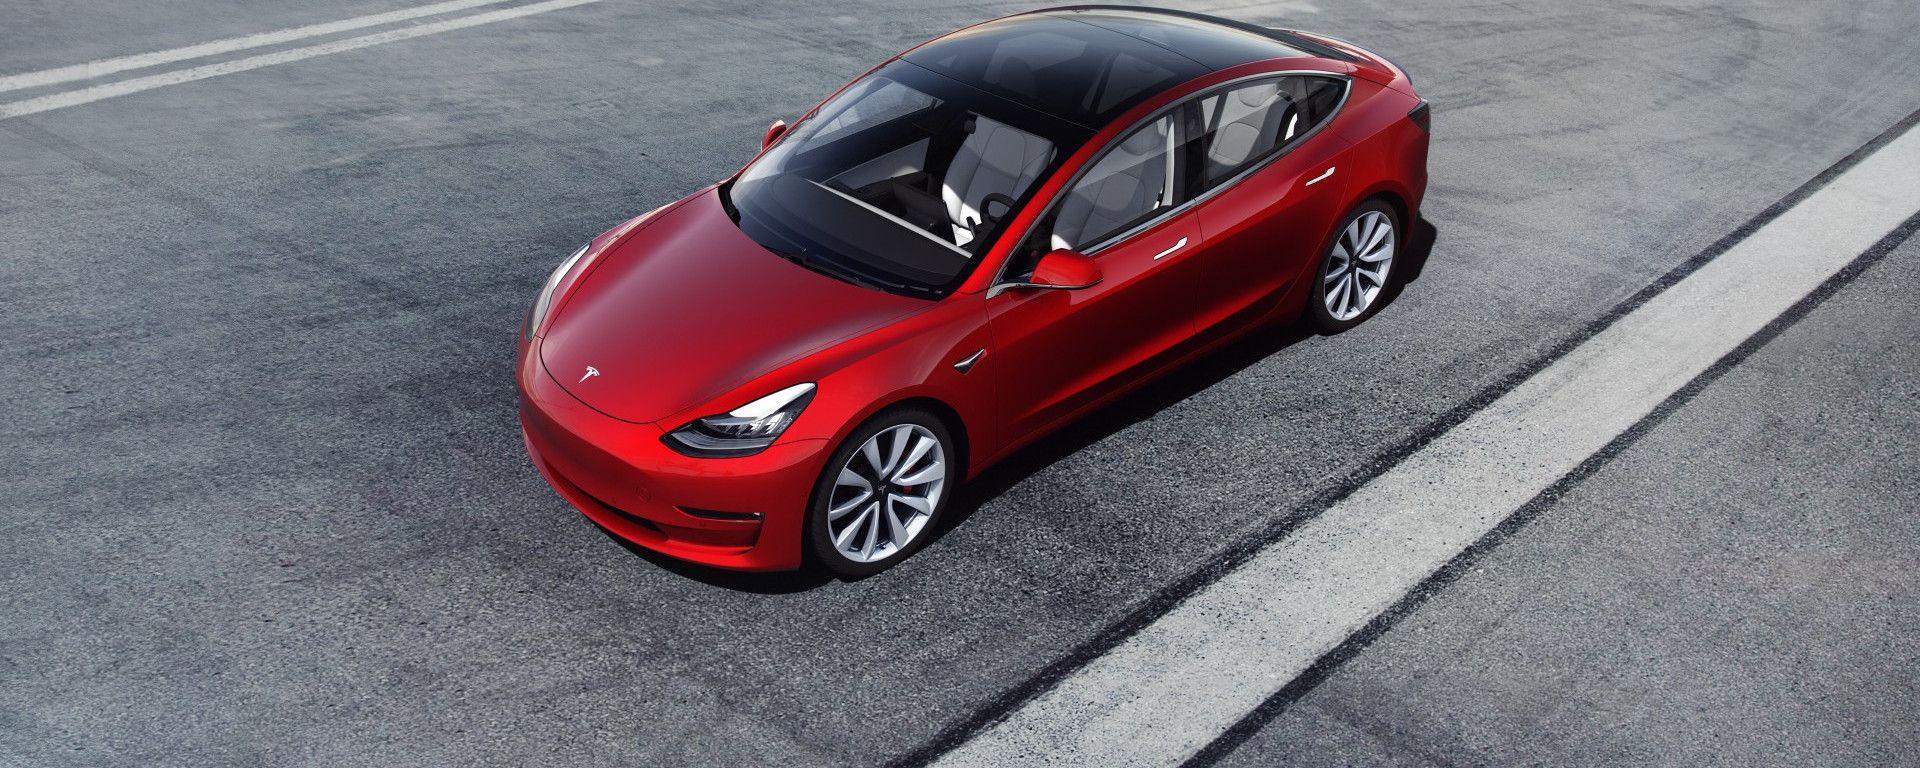 Tesla Model 3: frontale